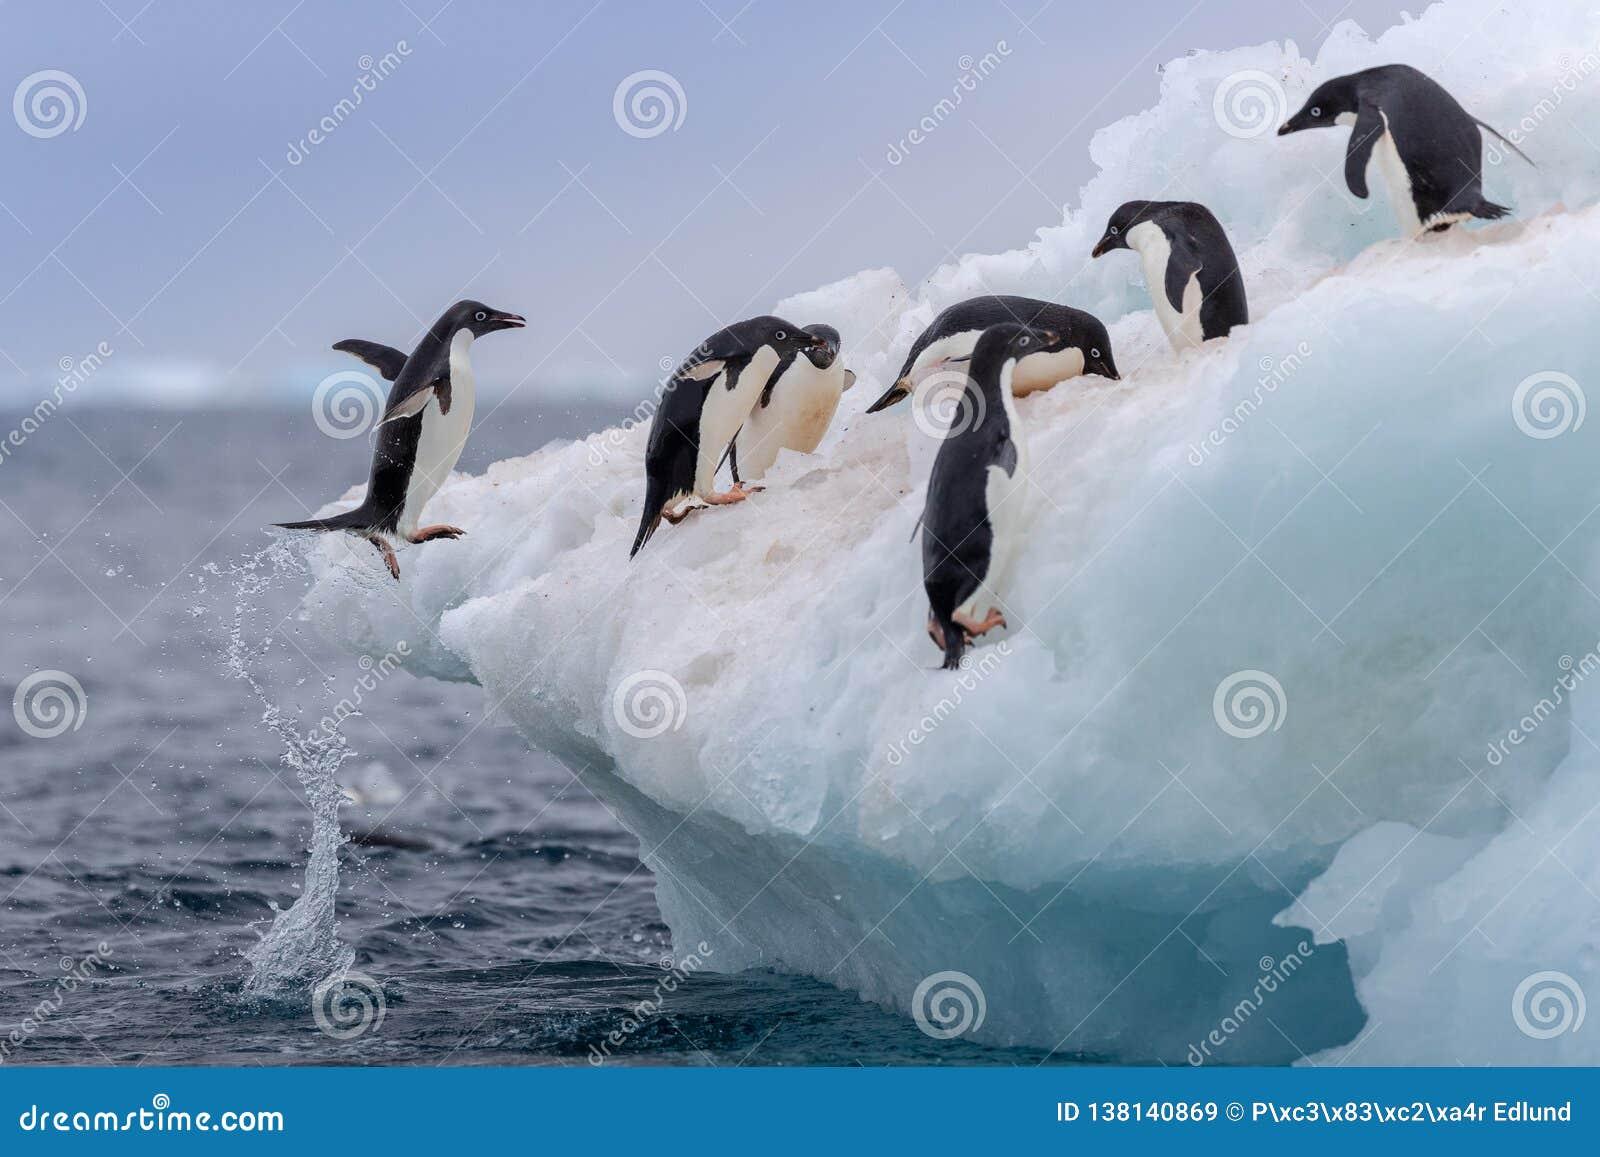 Springendes Adélie-penguine